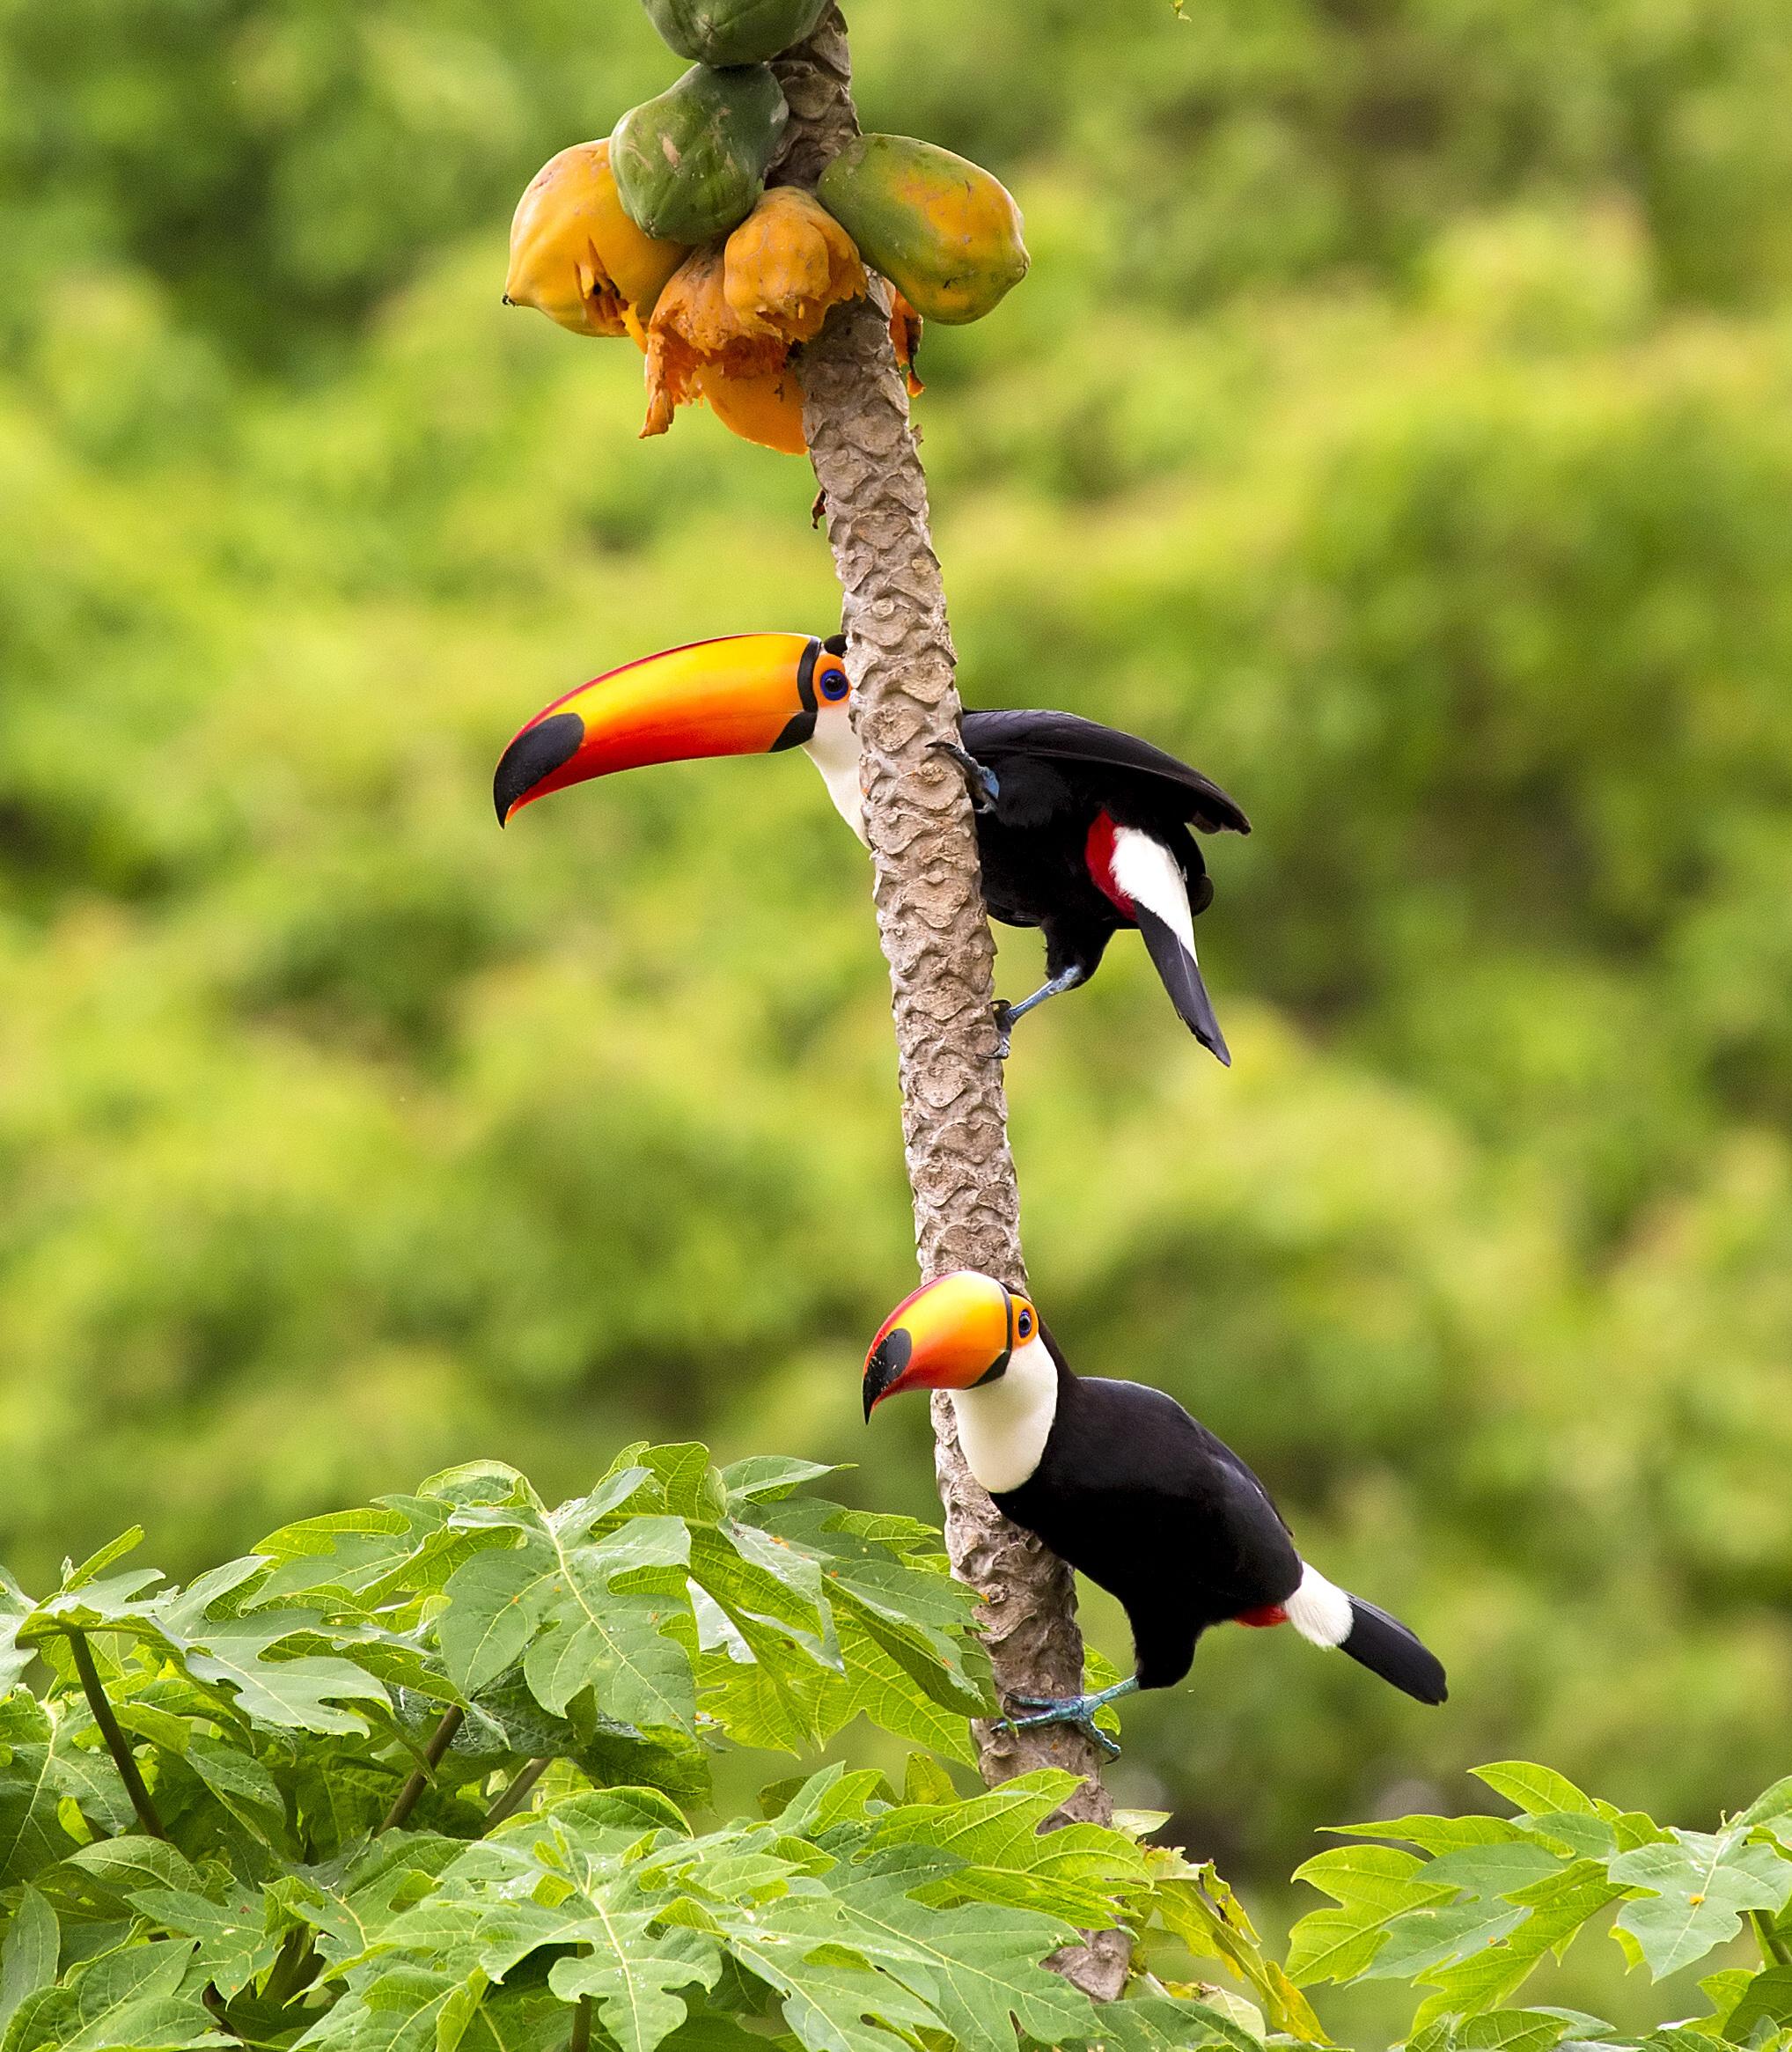 Nejoblíbenější pochutinou je pro ně ovoce, šmakuje jim zejména ovocná šťáva.